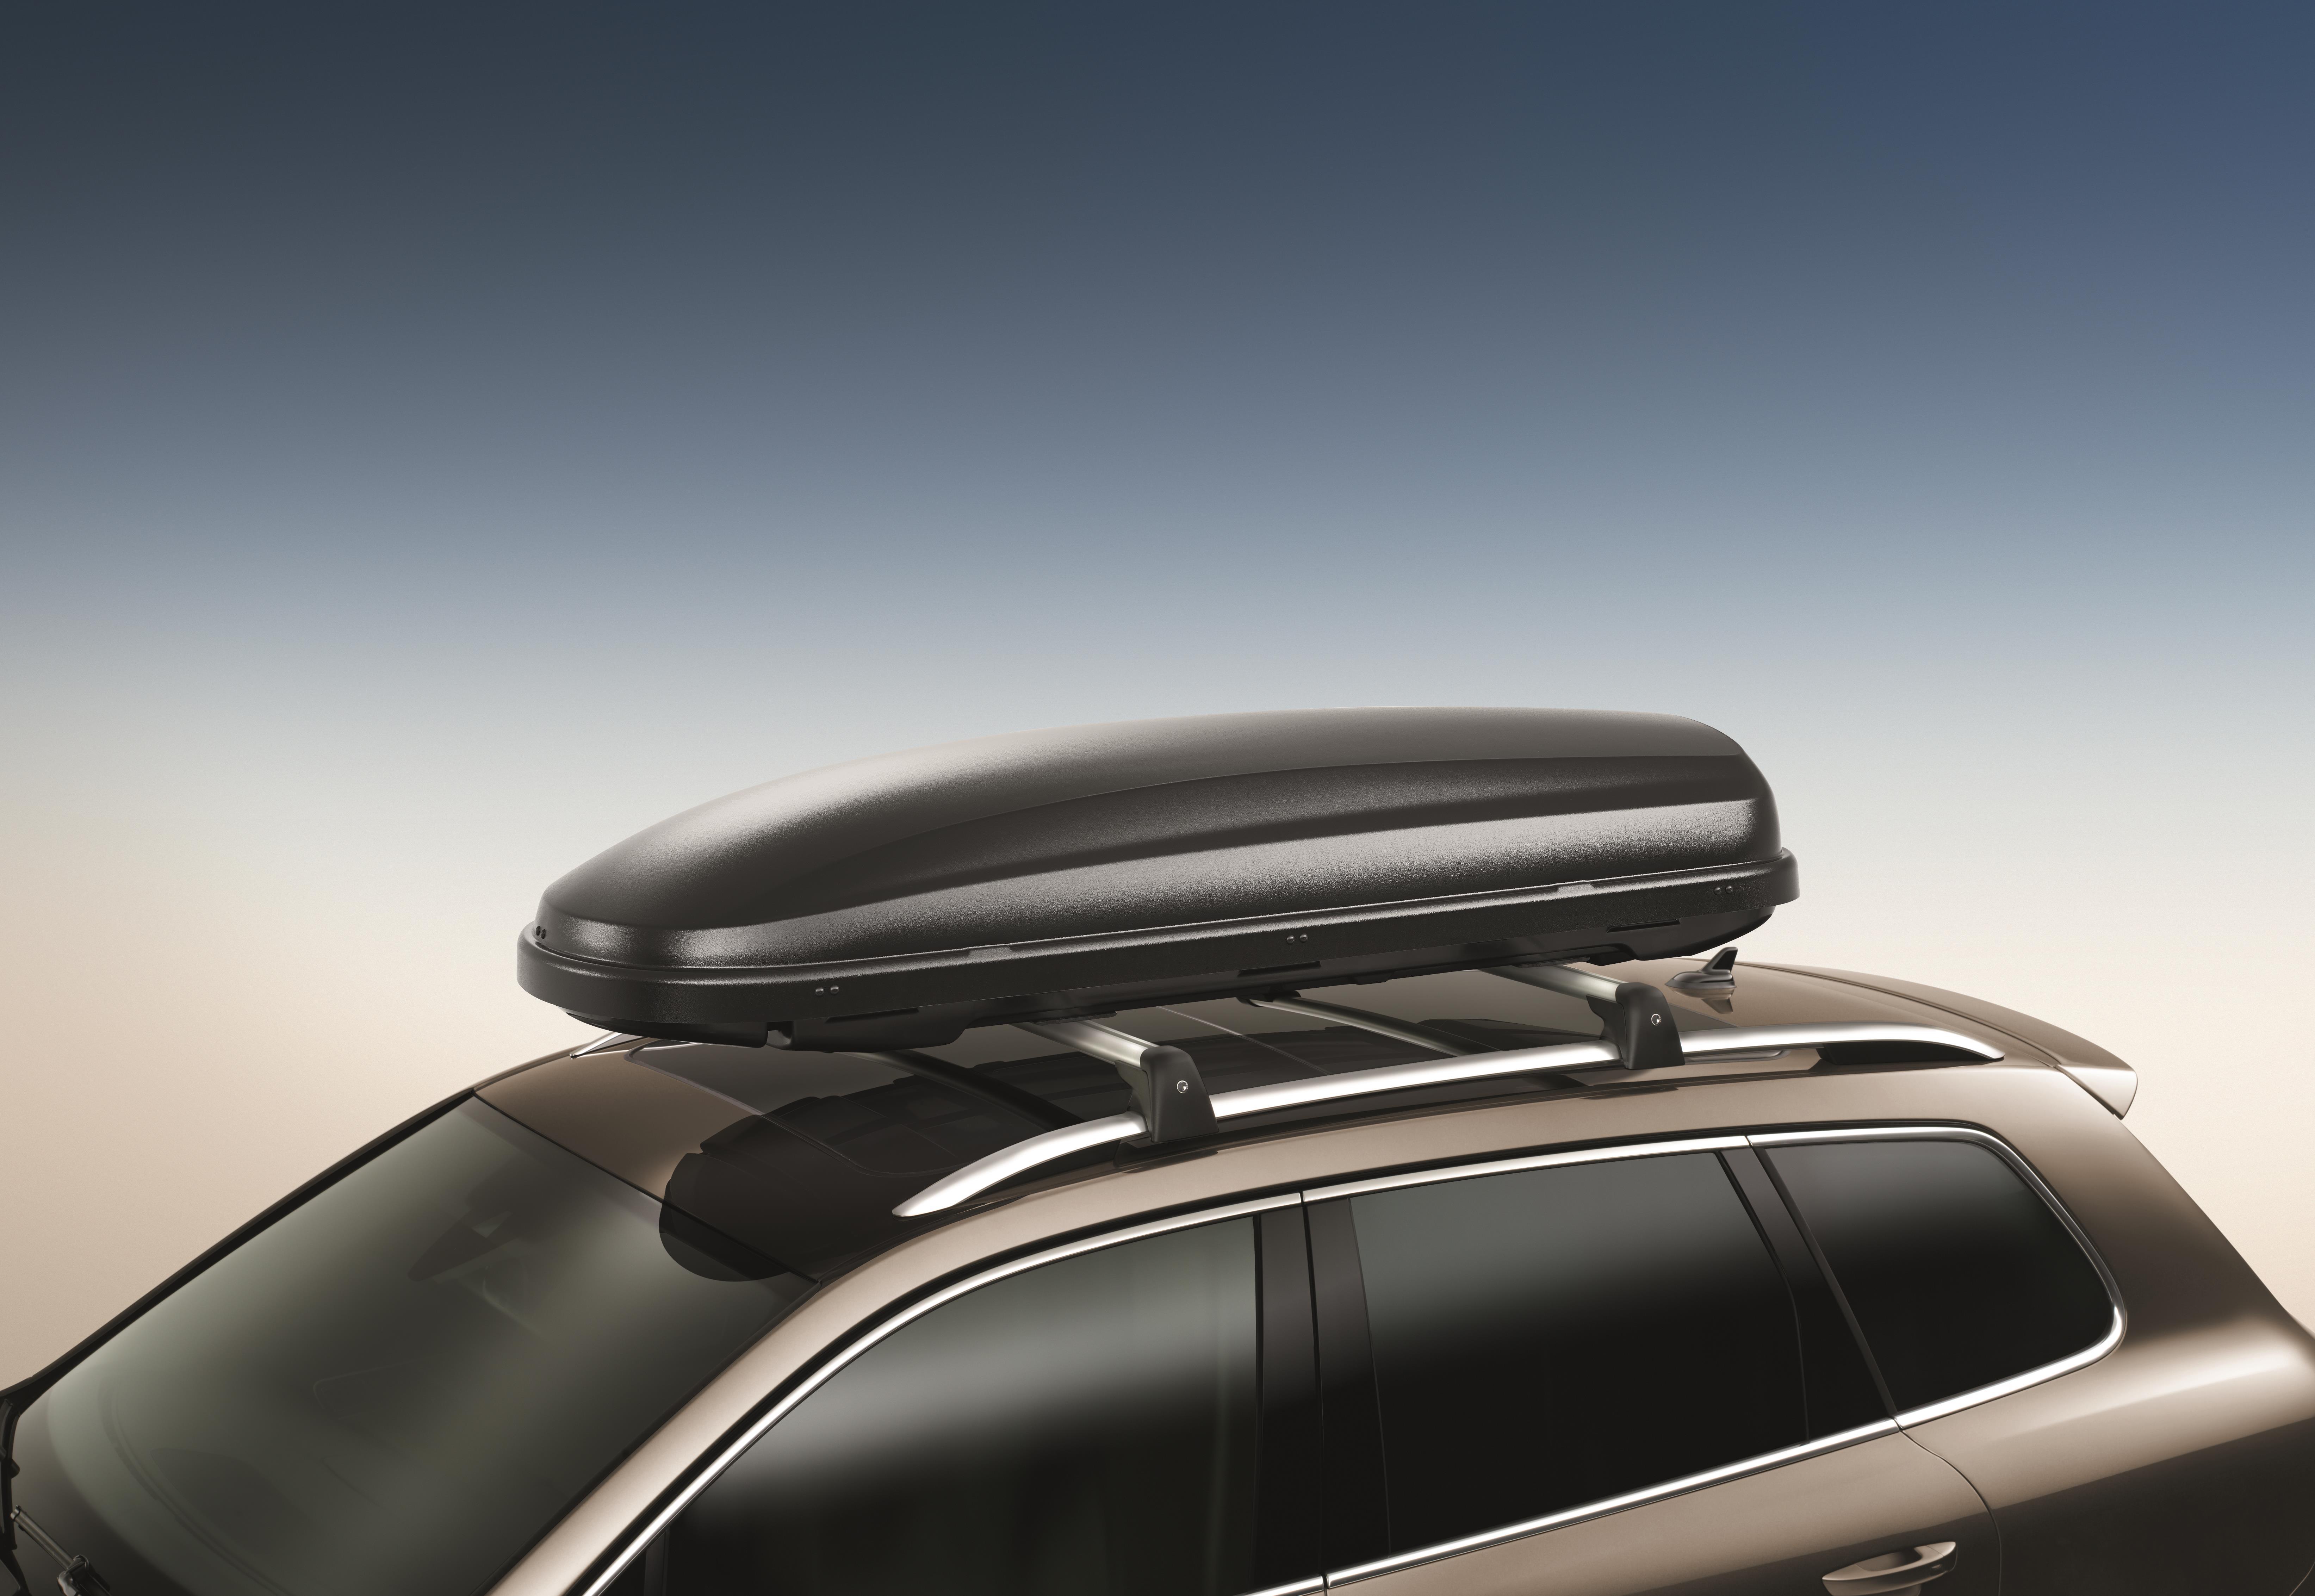 volkswagen golf  cargo box carrier matte black feet  genuine volkswagen accessory